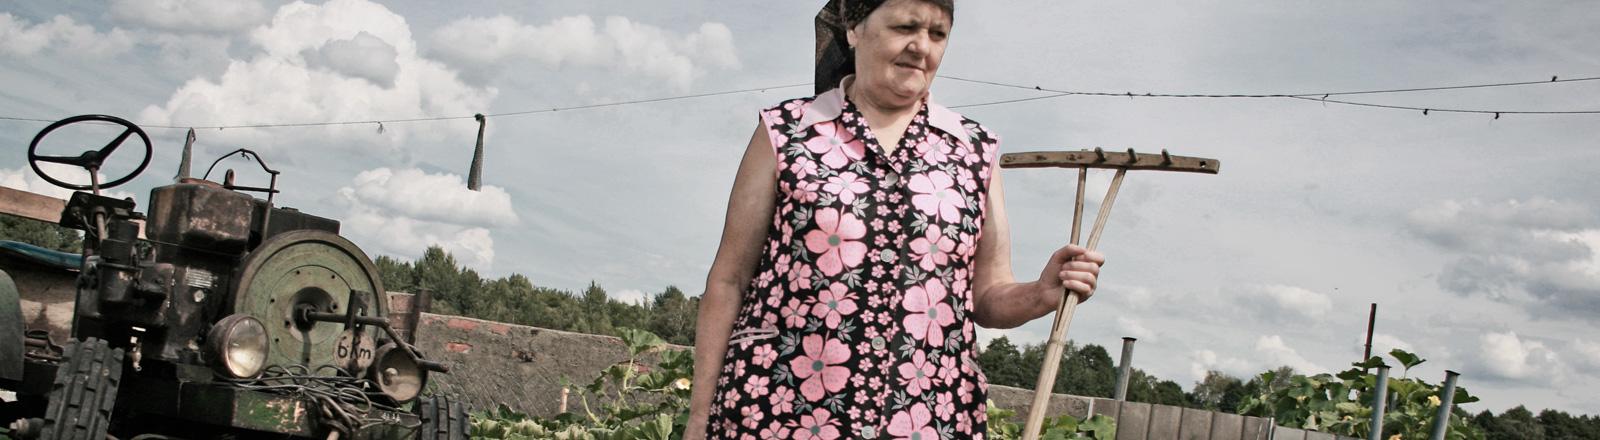 Eine ältere Frau steht im Garten und hält einen Holzrechen in der Hand. Links neben ihr parkt ein alter Traktor.